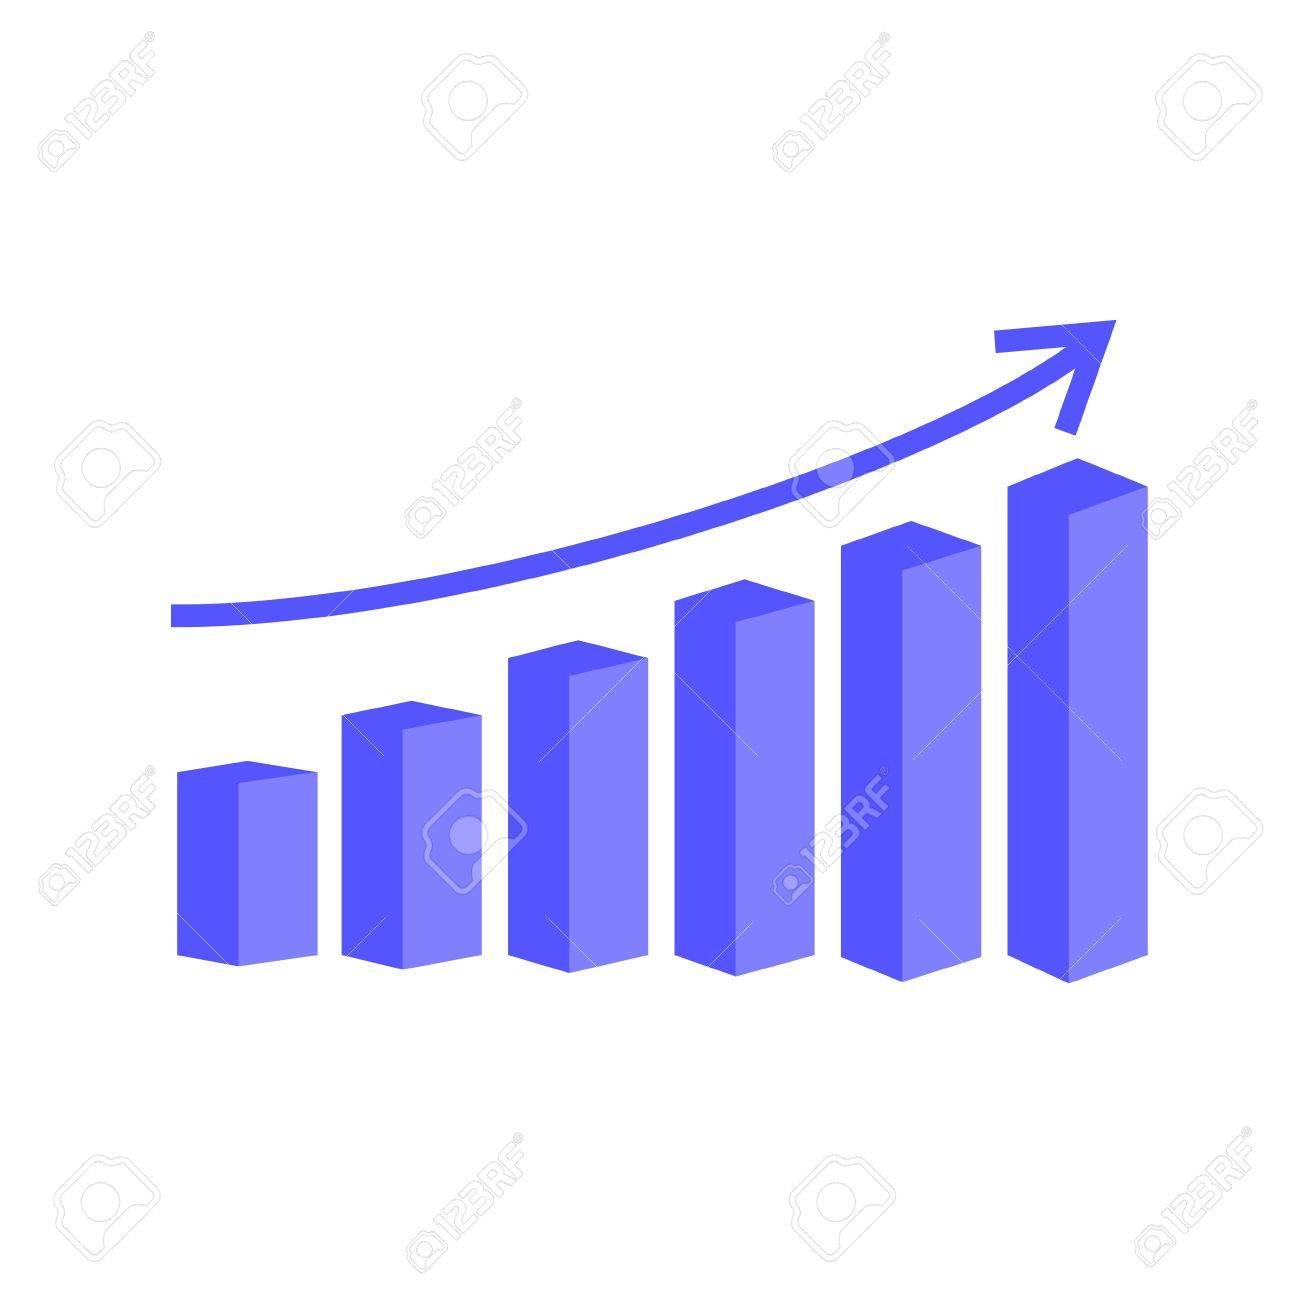 vector 3d bar graph